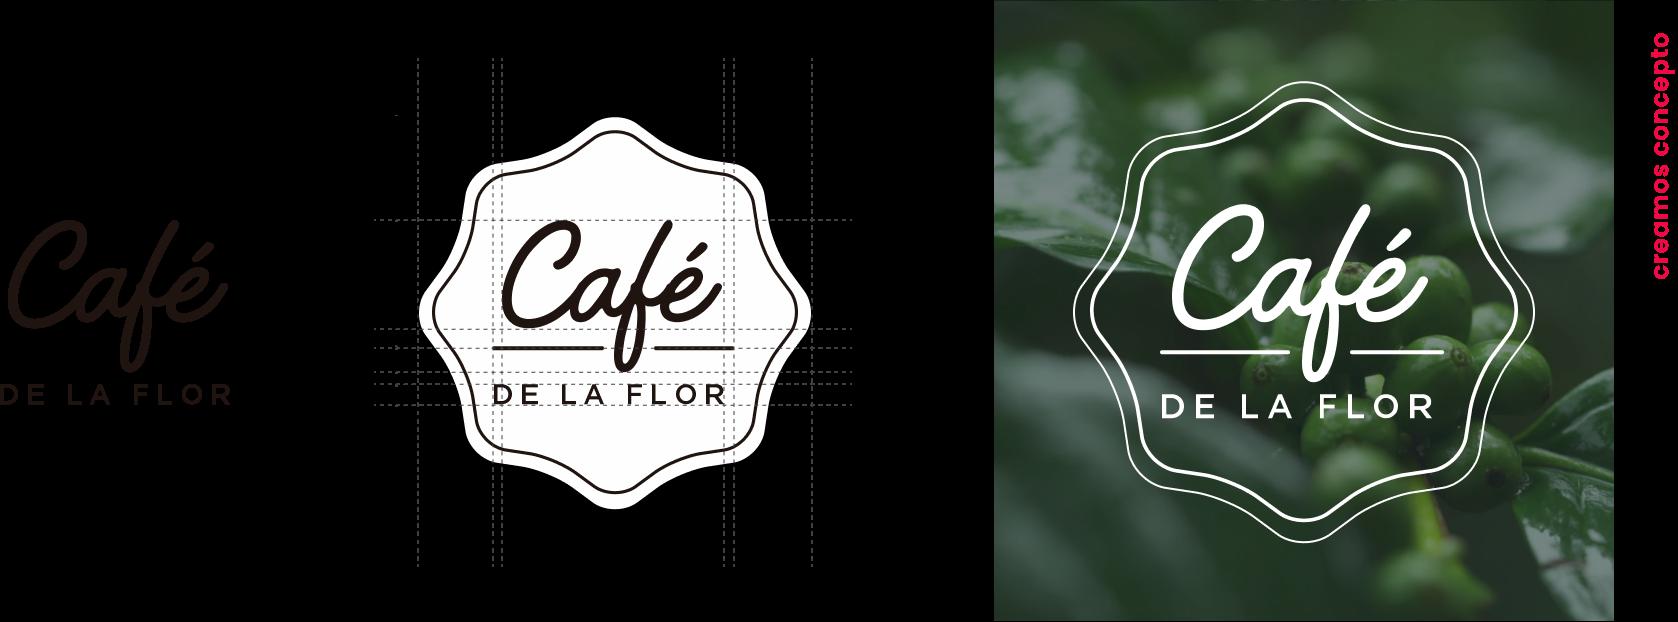 proceso-marca-cafe-de-la-flor-img_01